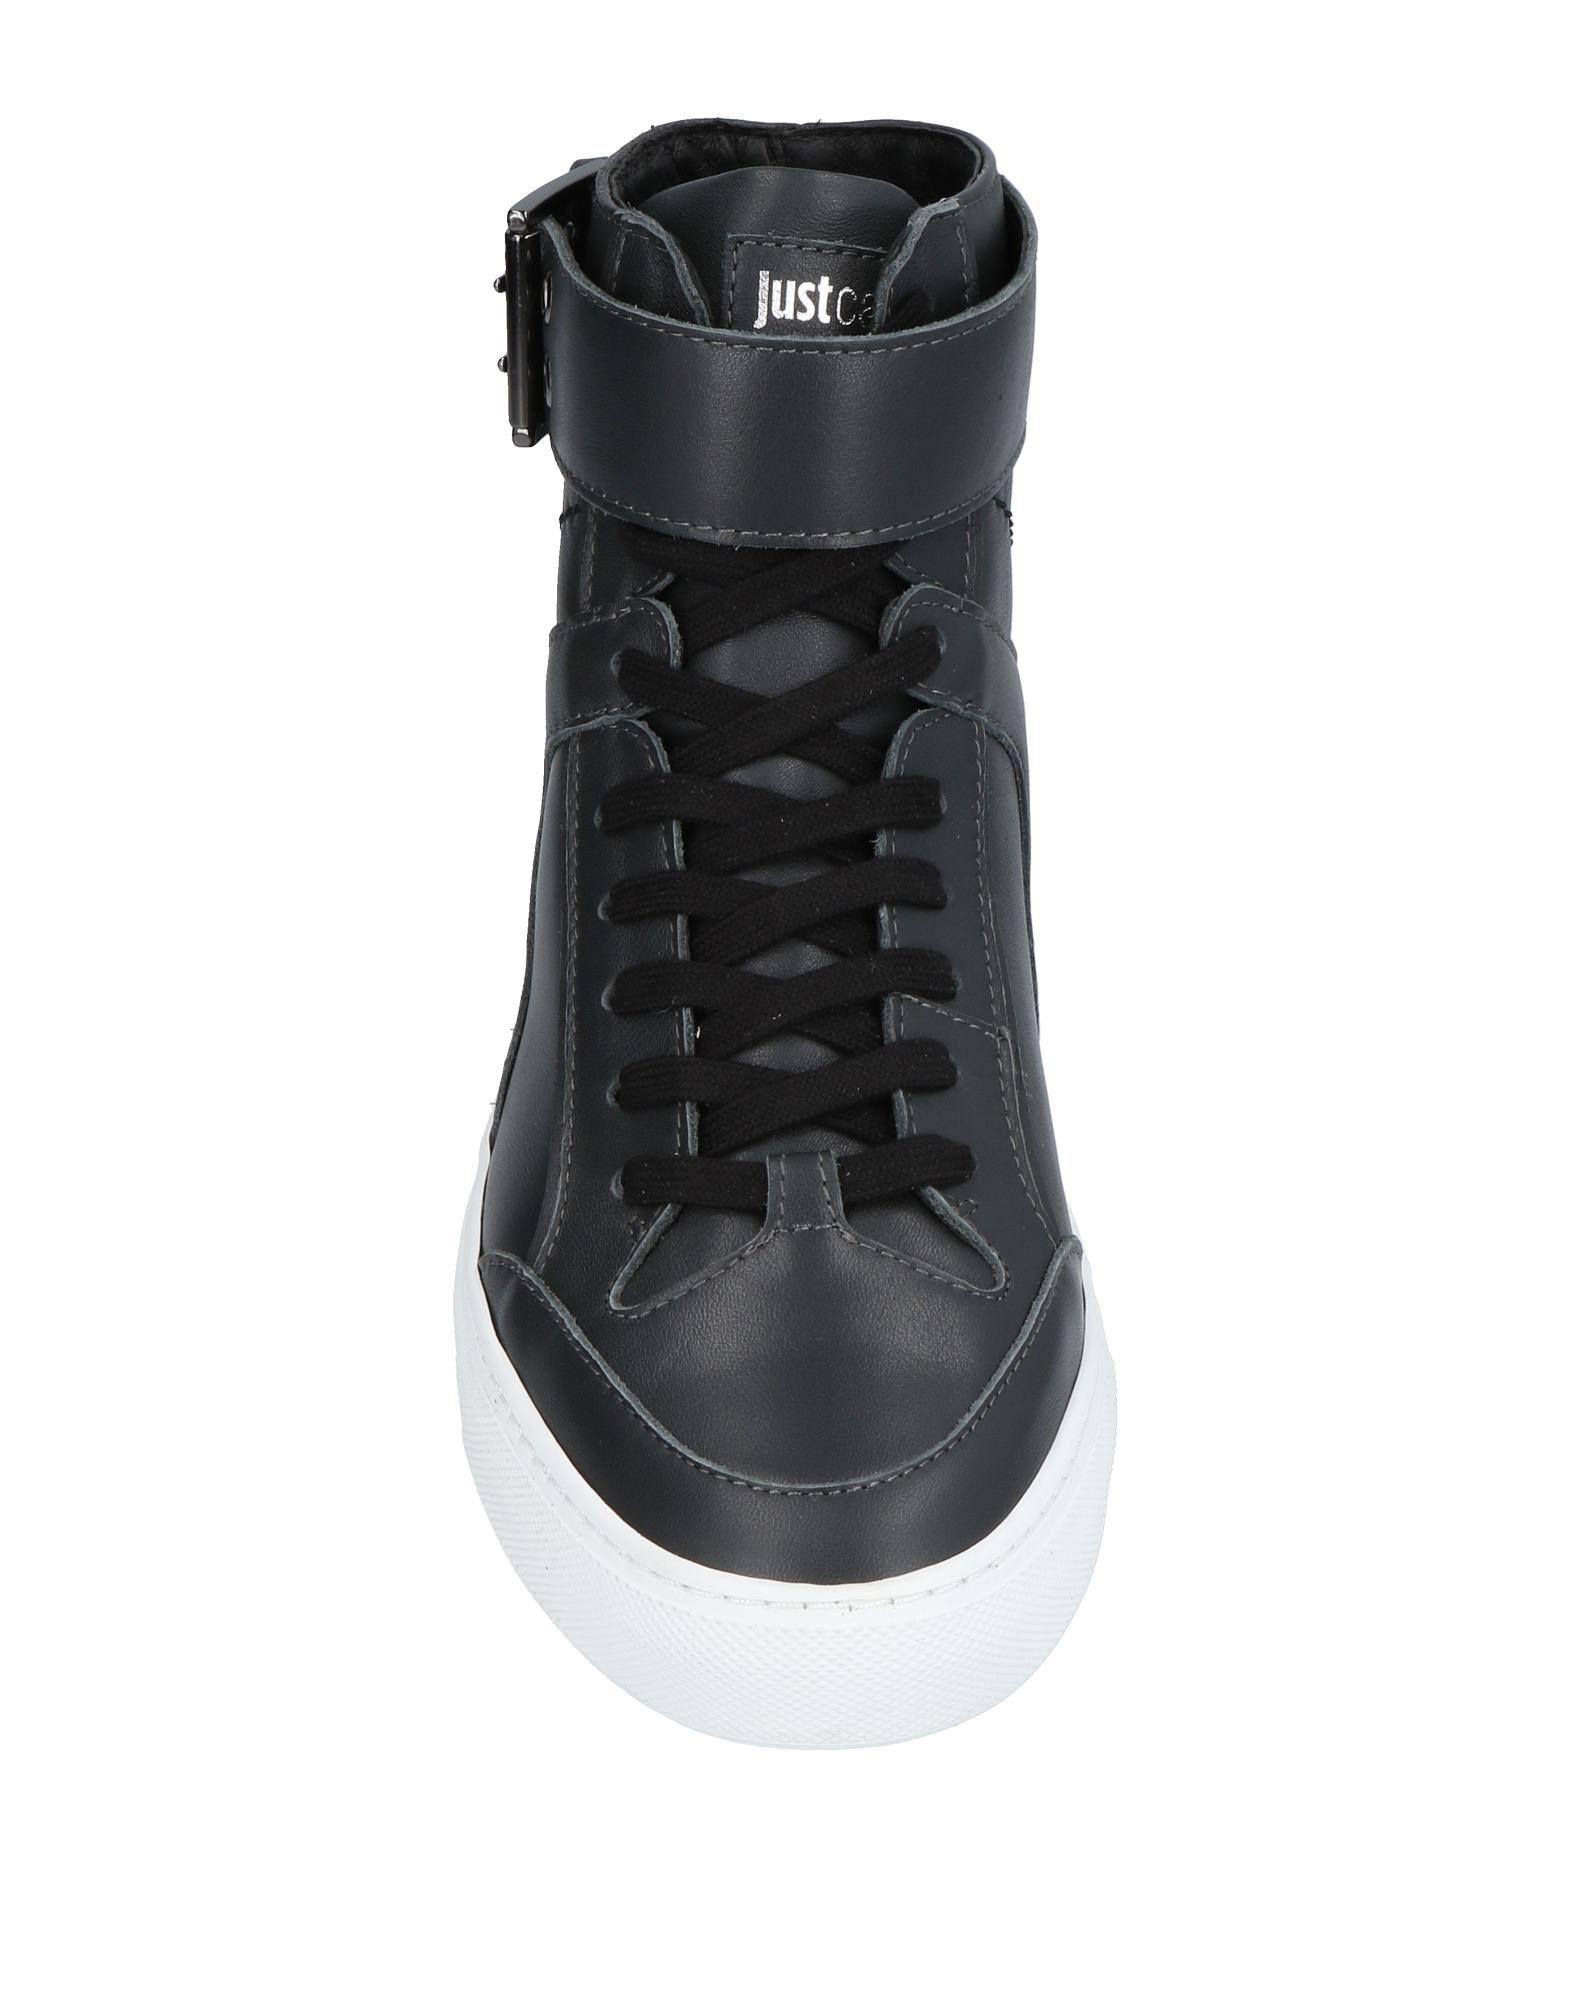 Just Cavalli Sneakers Herren  11469988JK Gute Qualität beliebte Schuhe